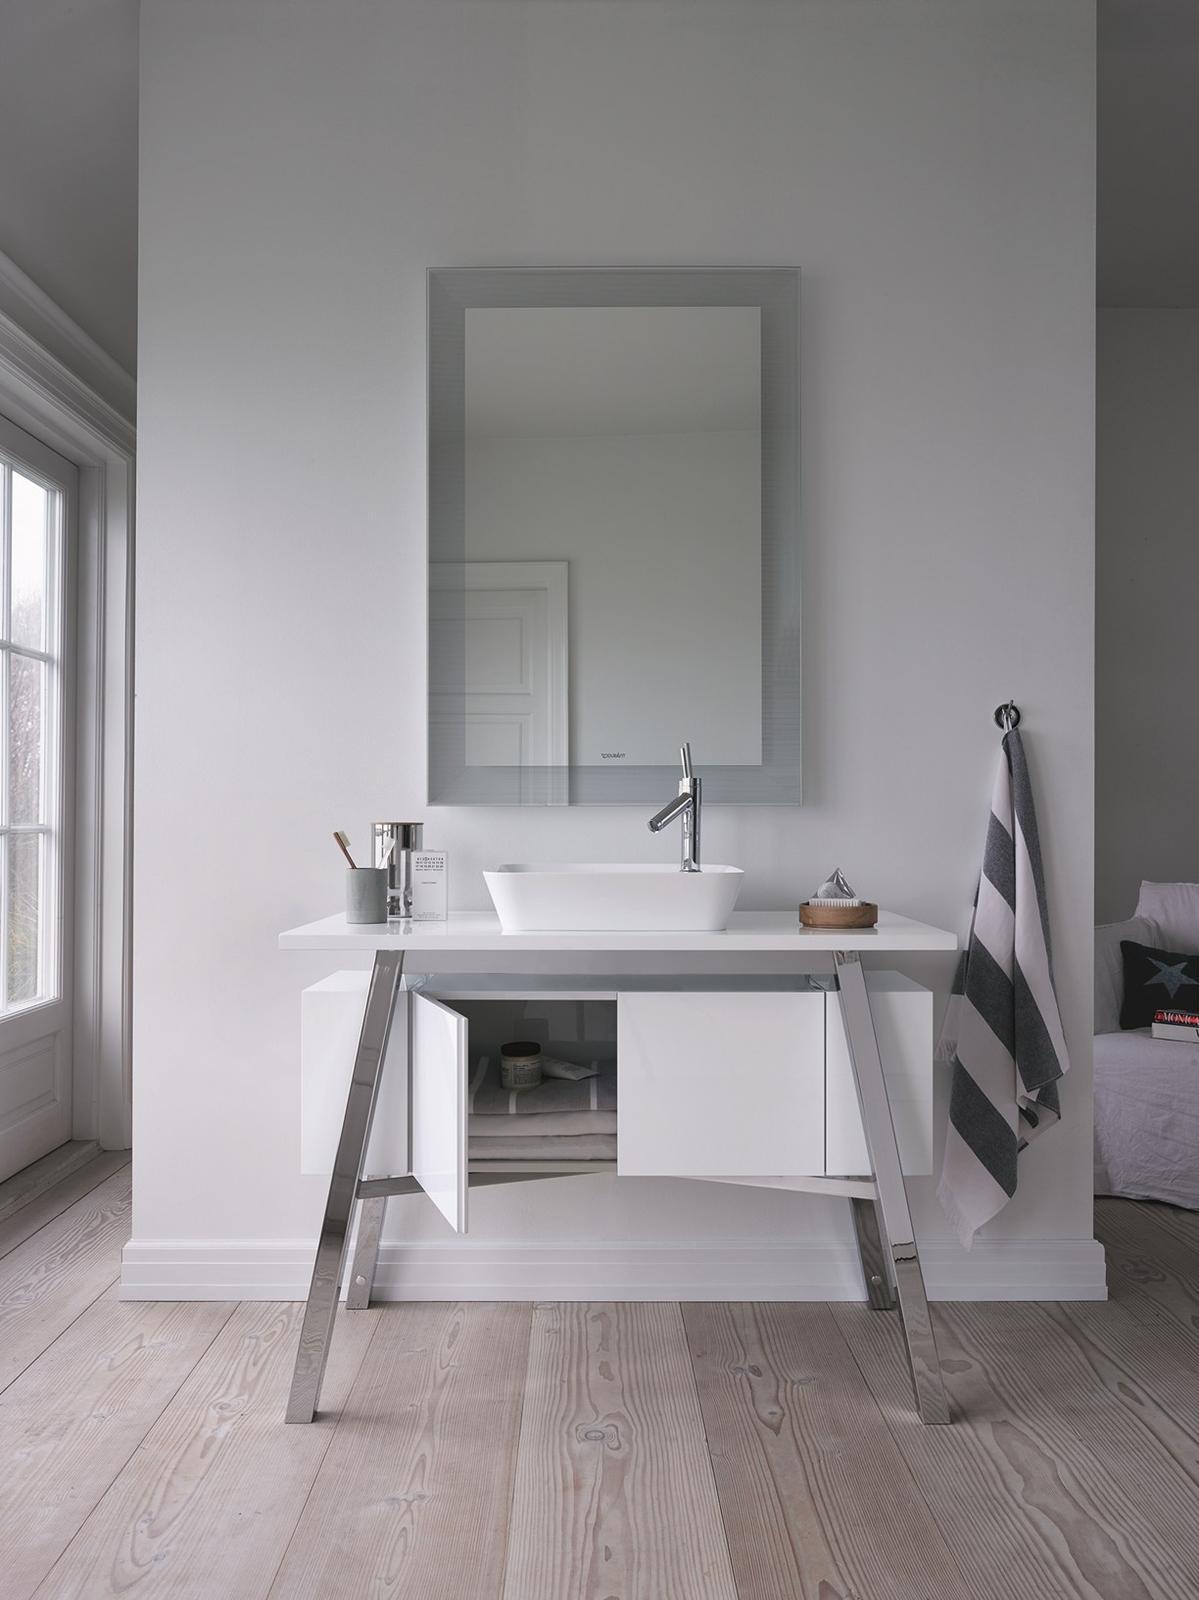 Zariaďujeme luxusnú kúpeľňu - Obrázok č. 3